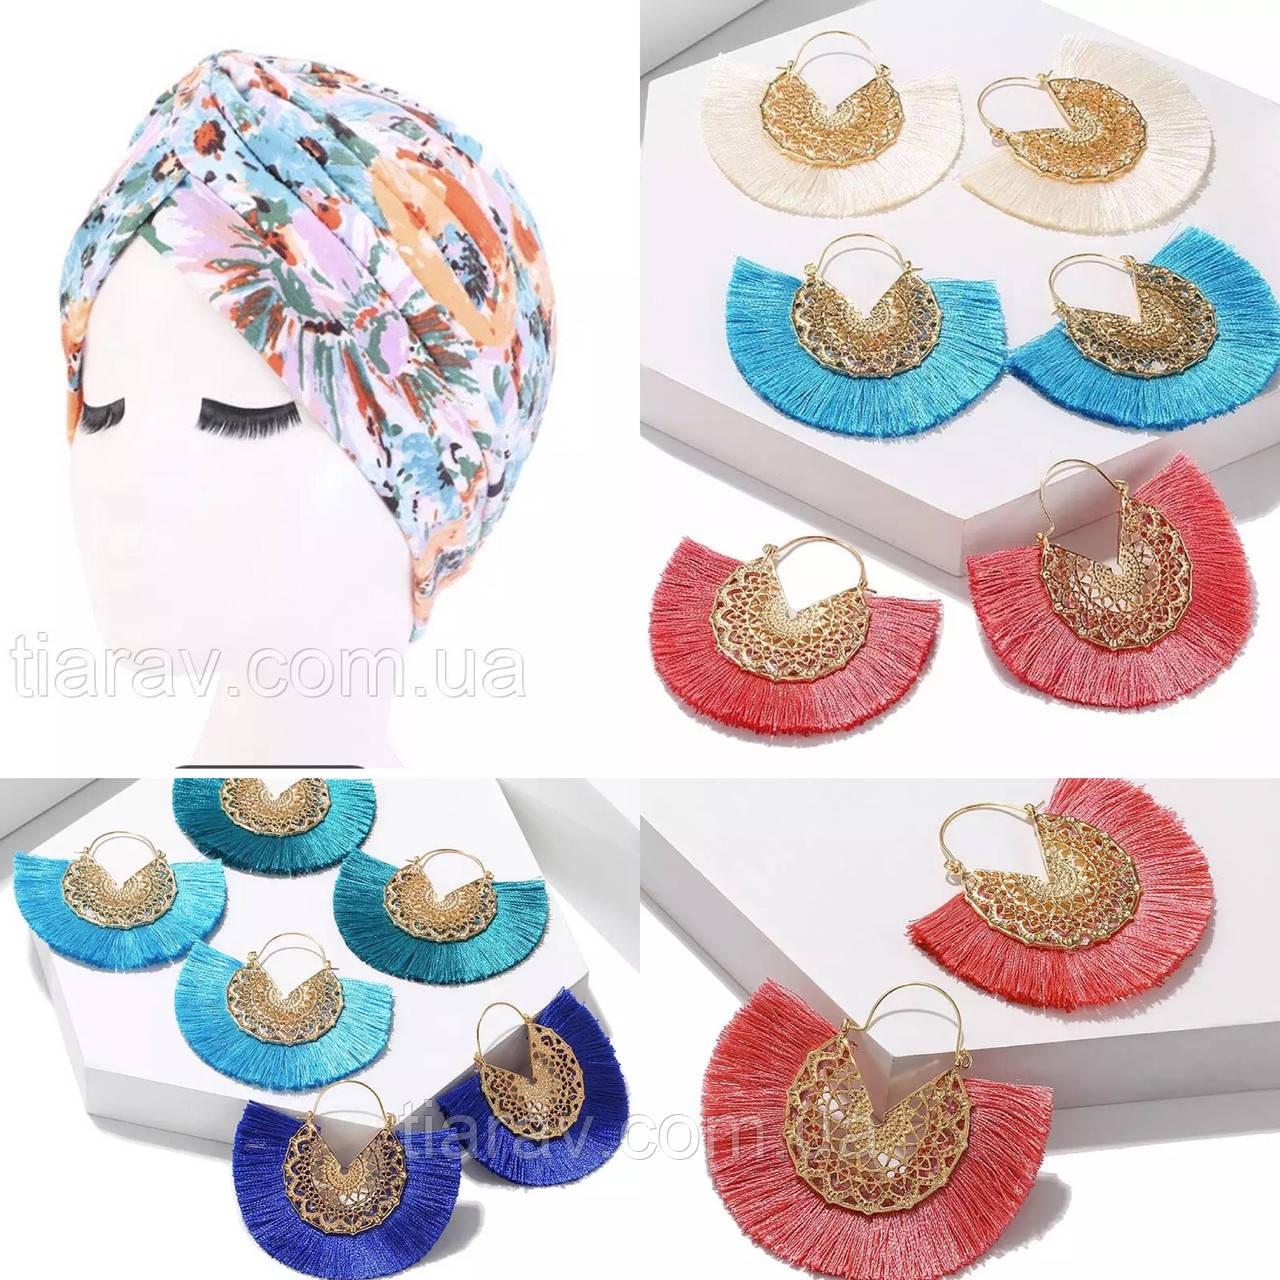 Тюрбан річний , шапка чалма і сережки , набір аксесуарів